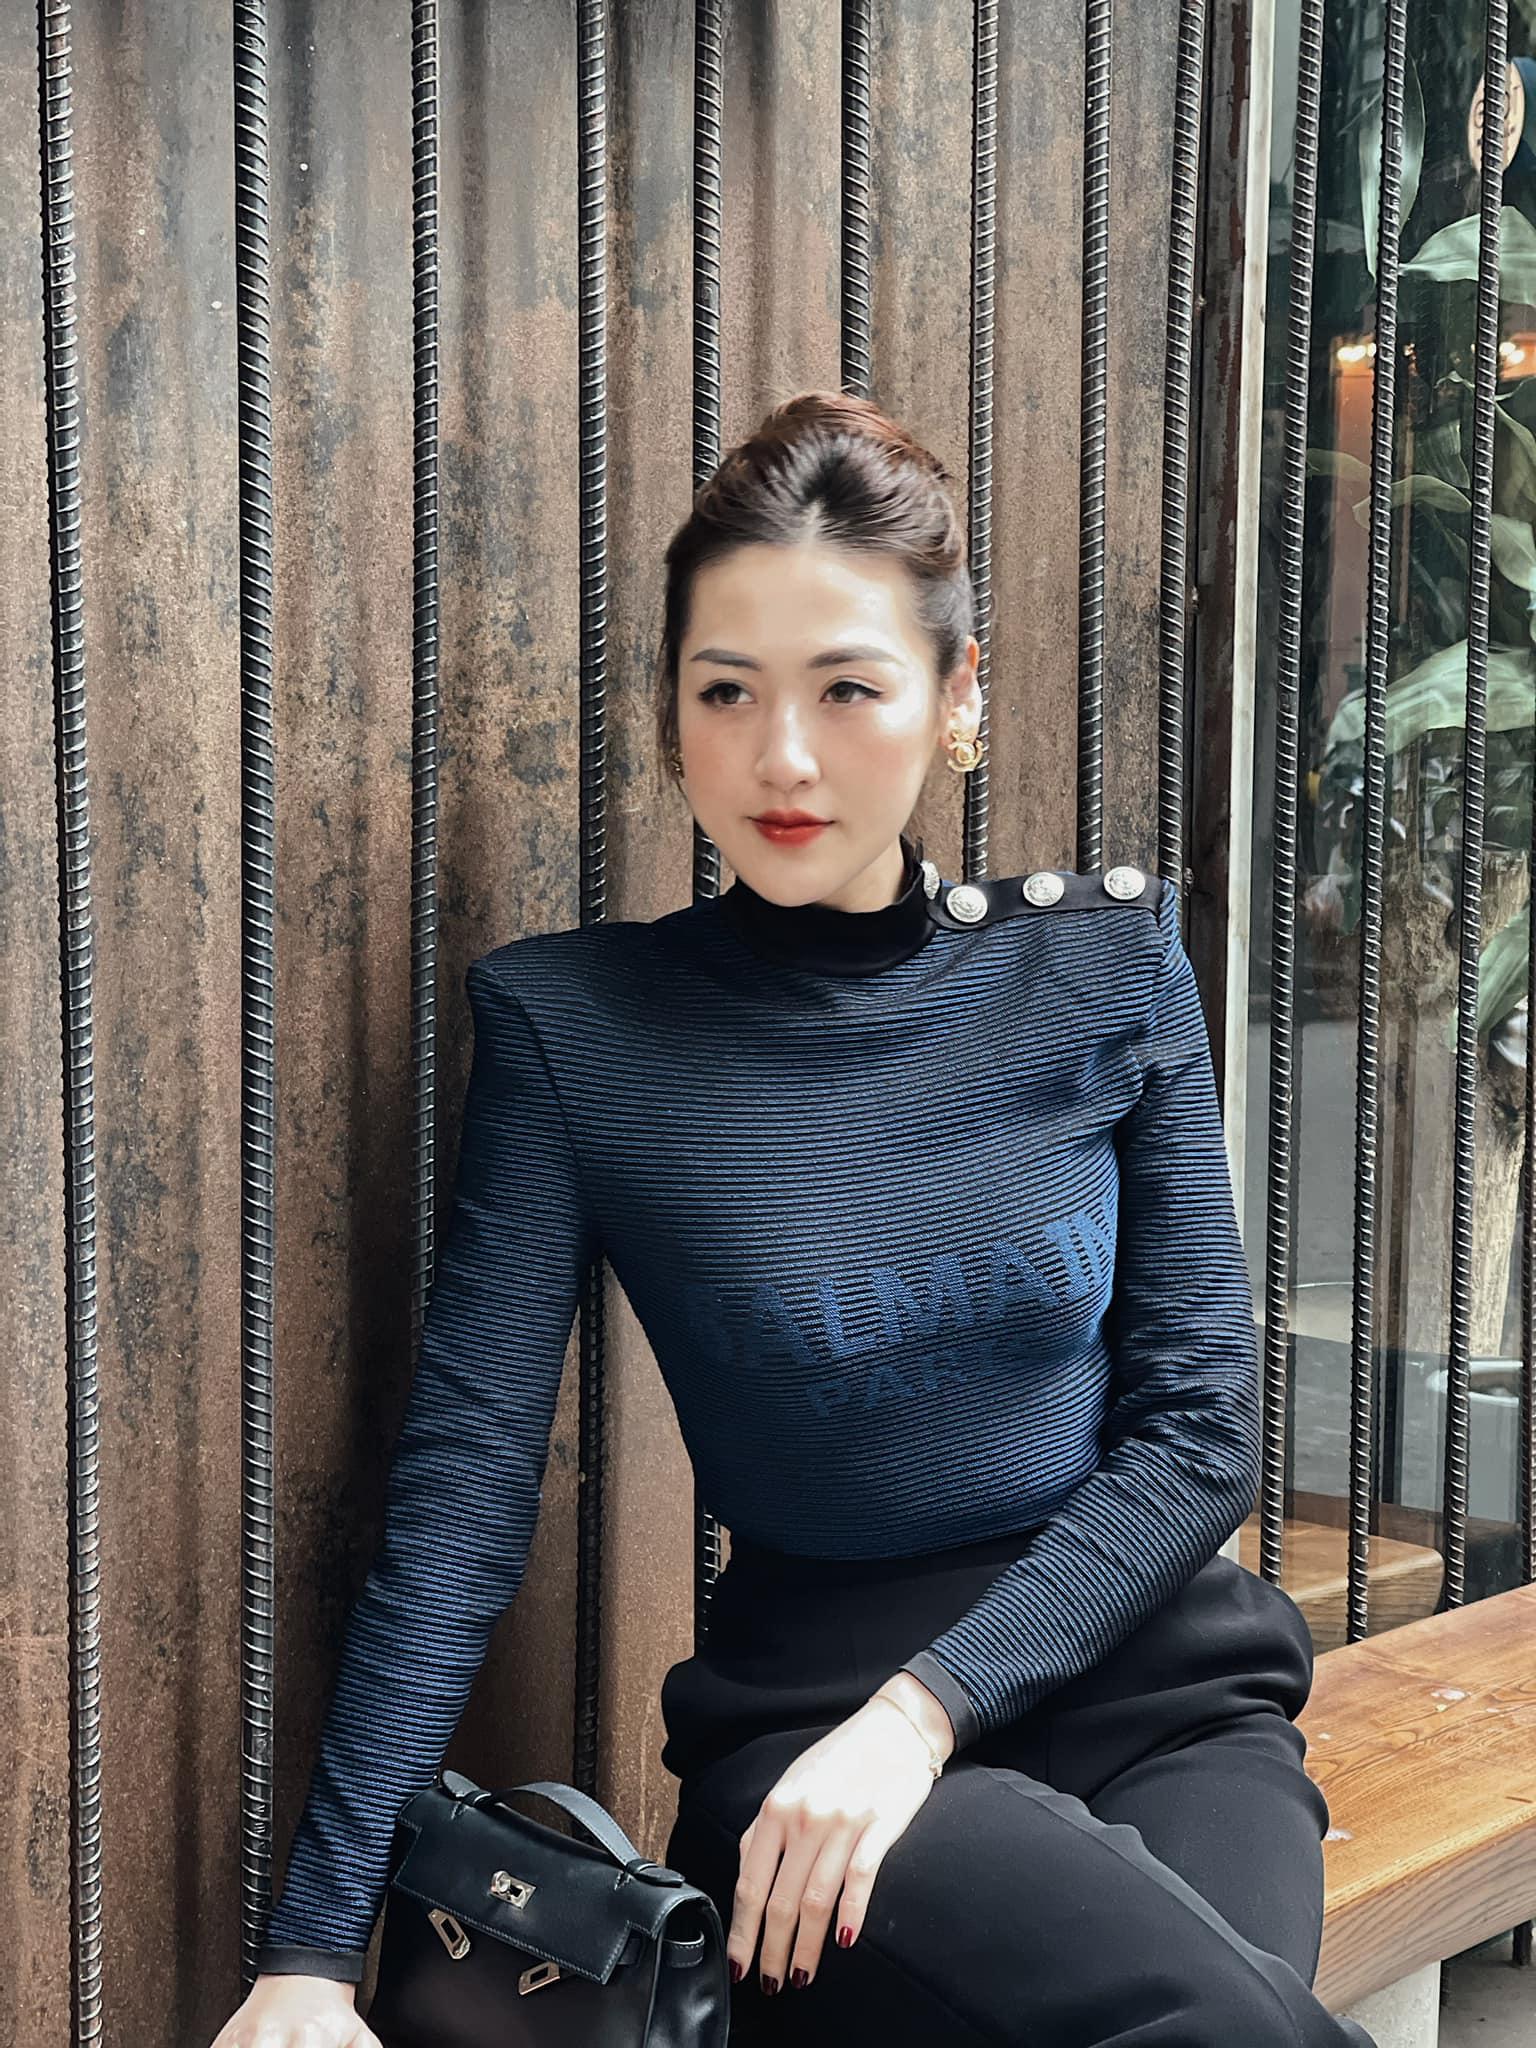 Nhìn Á hậu Tú Anh lên đồ công sở đẹp mê, chị em tăm tia ngay được 10 set siêu xinh diện đi làm - Ảnh 4.